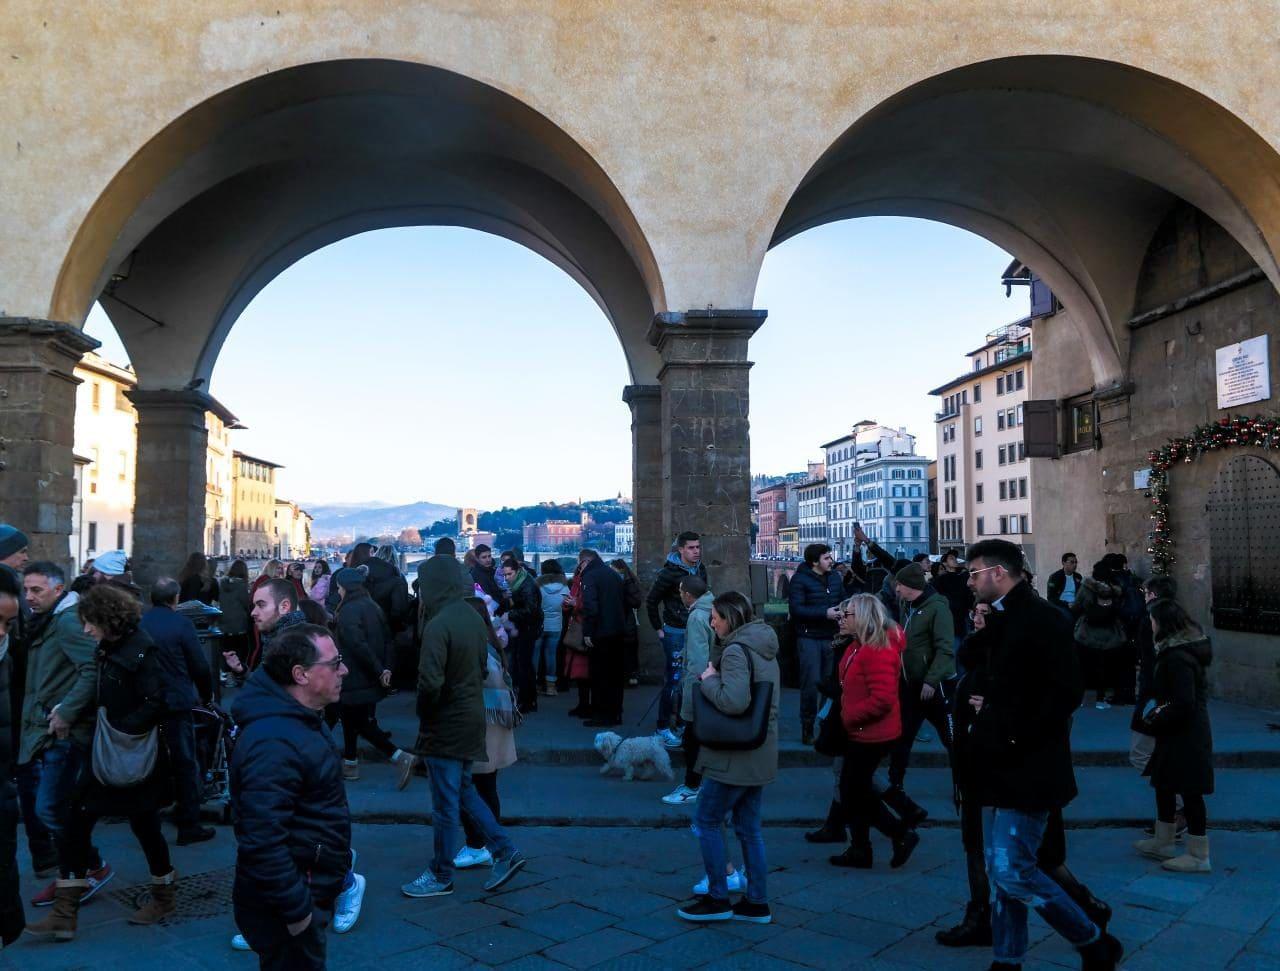 이탈리아 여행, 피렌체, 베키오다리(Ponte Vecchio)의 여행객들, Image - Choi dongsoon